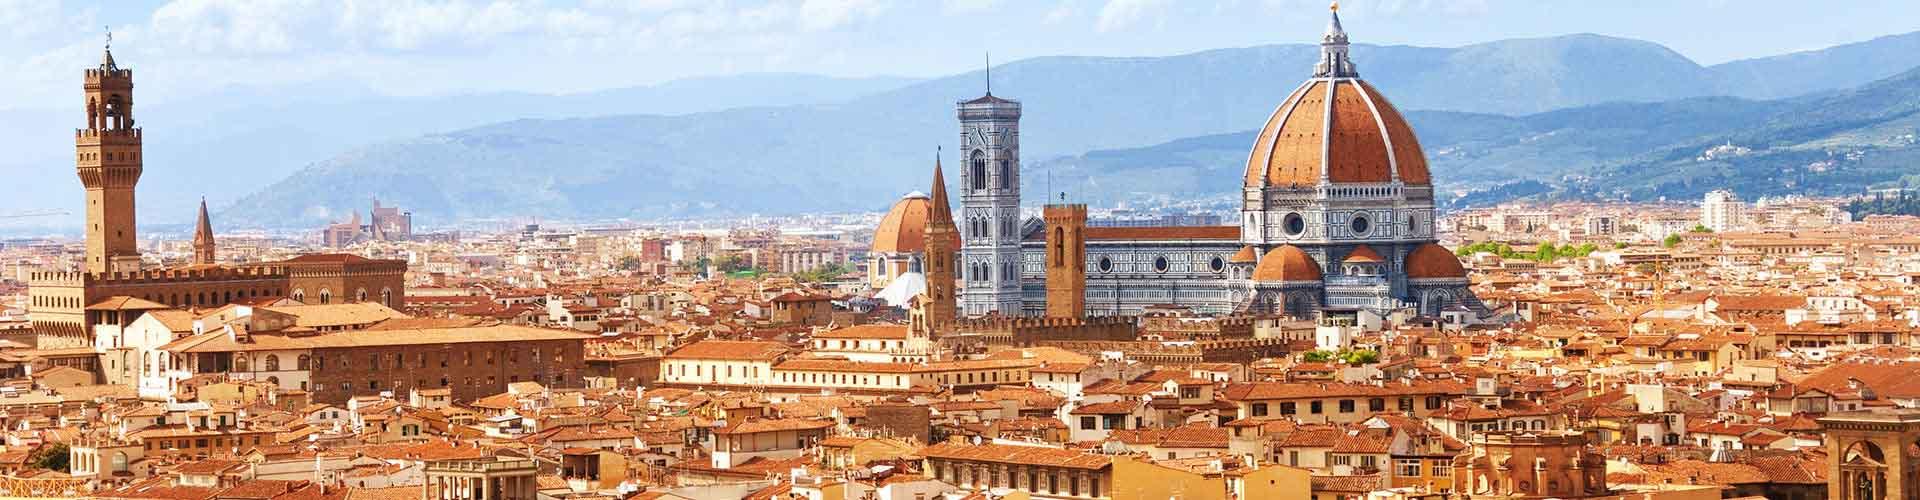 피렌체 - Vigna Nuova지역에 위치한 호스텔. 피렌체의 지도, 피렌체에 위치한 호스텔에 대한 사진 및 리뷰.